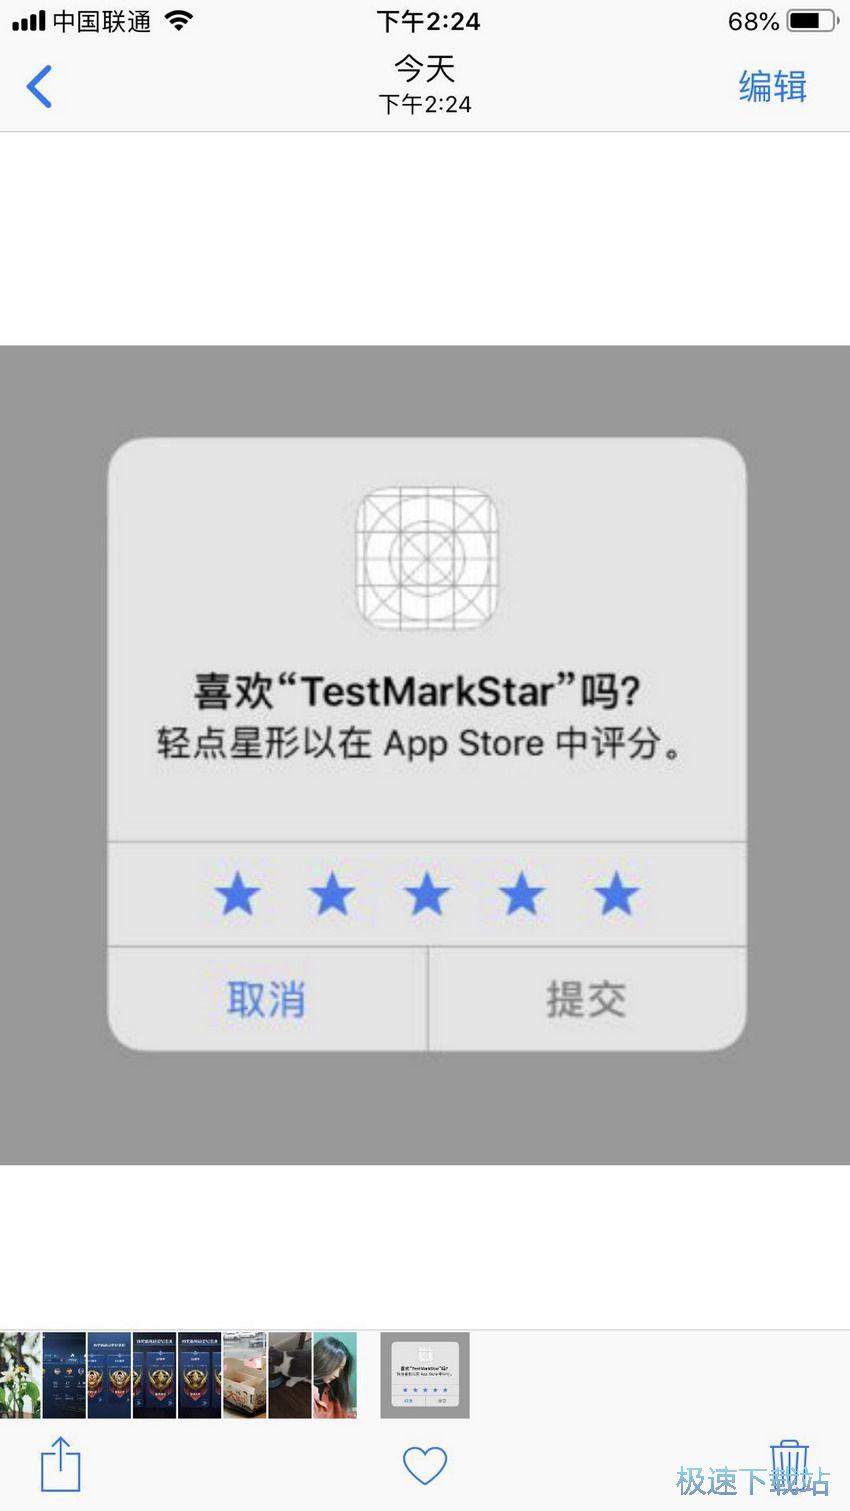 苹果手机如何关闭烦人的APP评分提示? 缩略图